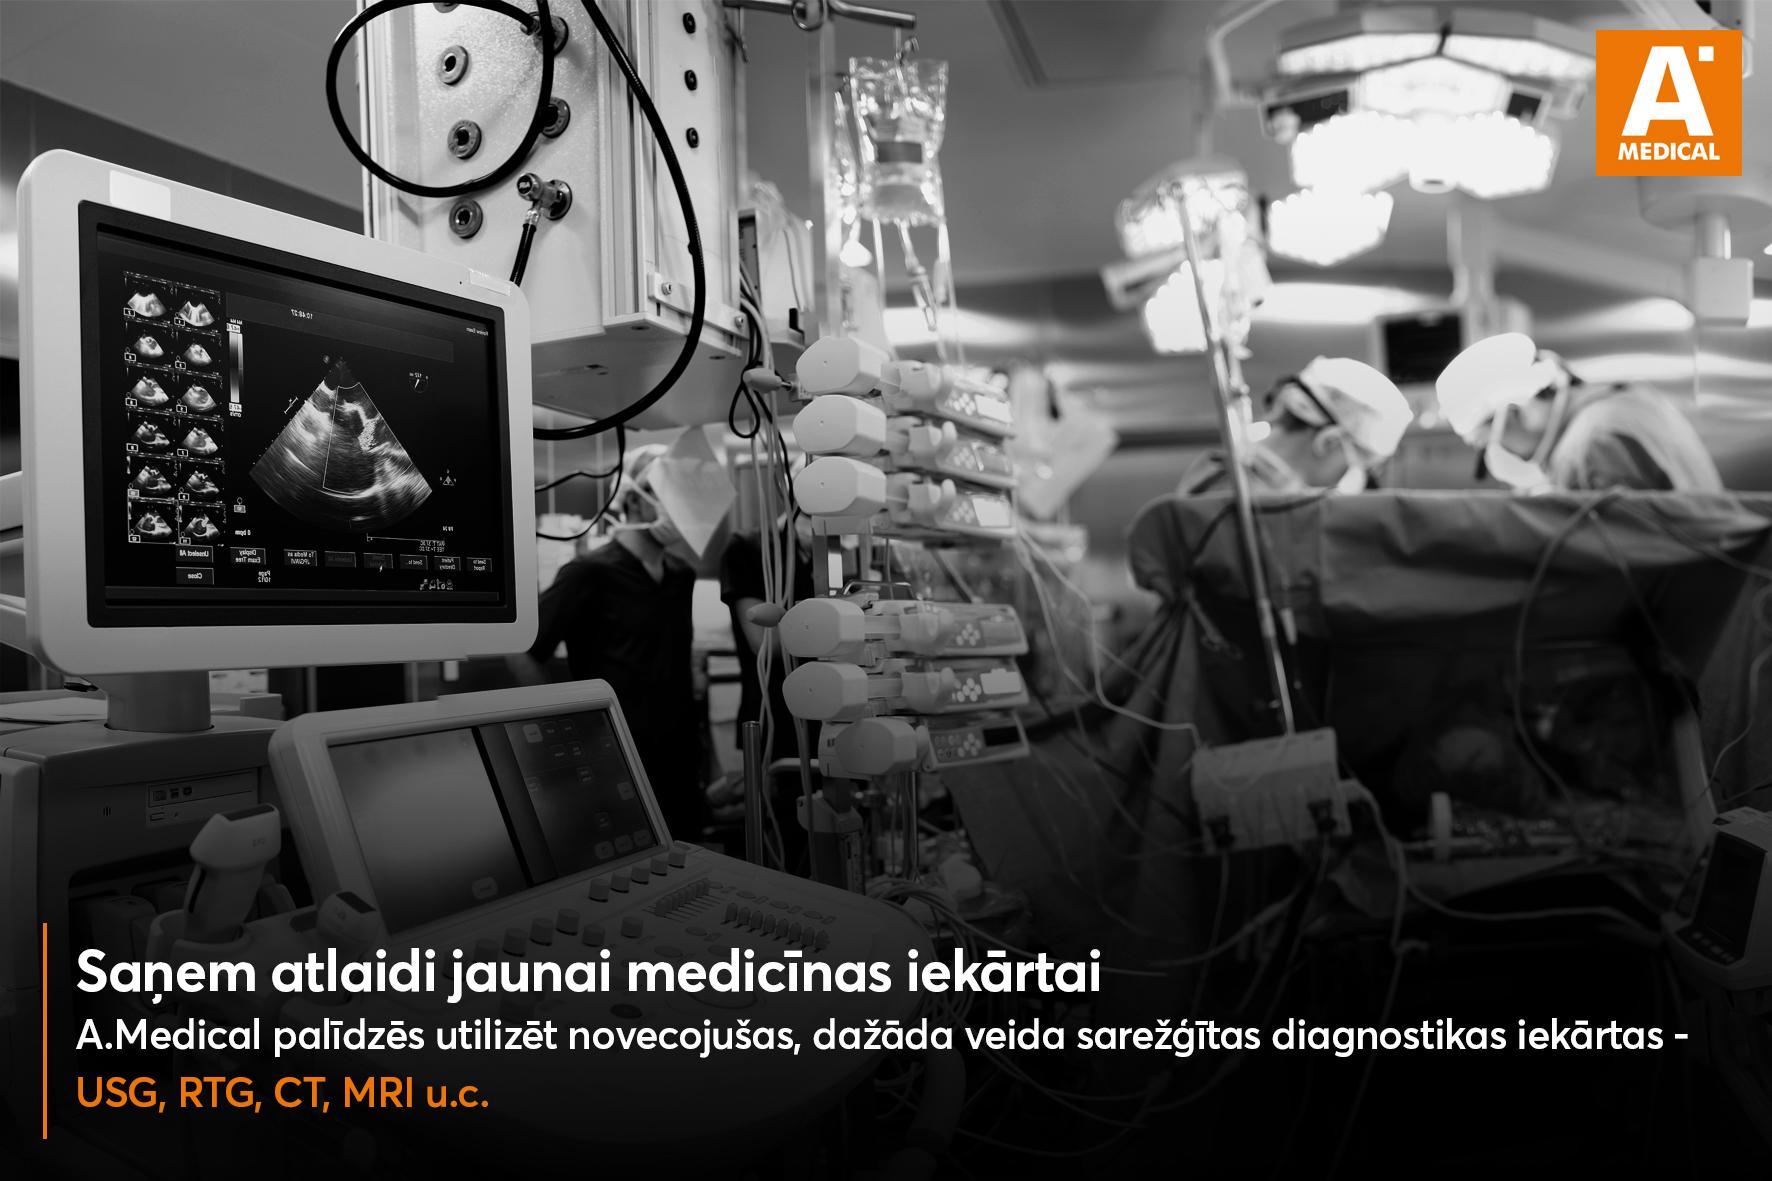 Atlaides jaunām medicīnas iekārtām